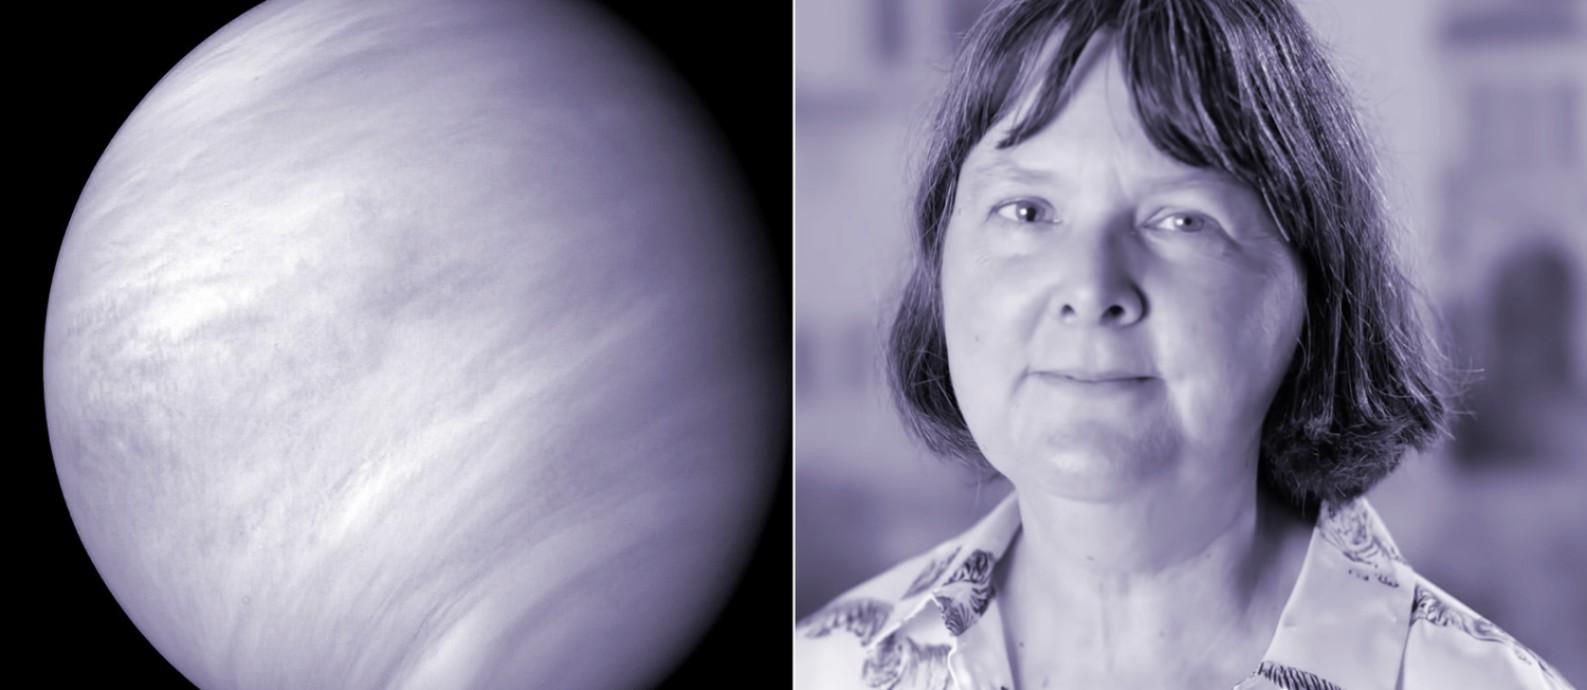 A astrônoma Jane Greaves, que liderou pesquisa que detectou a presença de fosfina na atmosfera de Vênus, também luta para que a ciência seja um lugar mais justo para as mulheres Foto: Reprodução